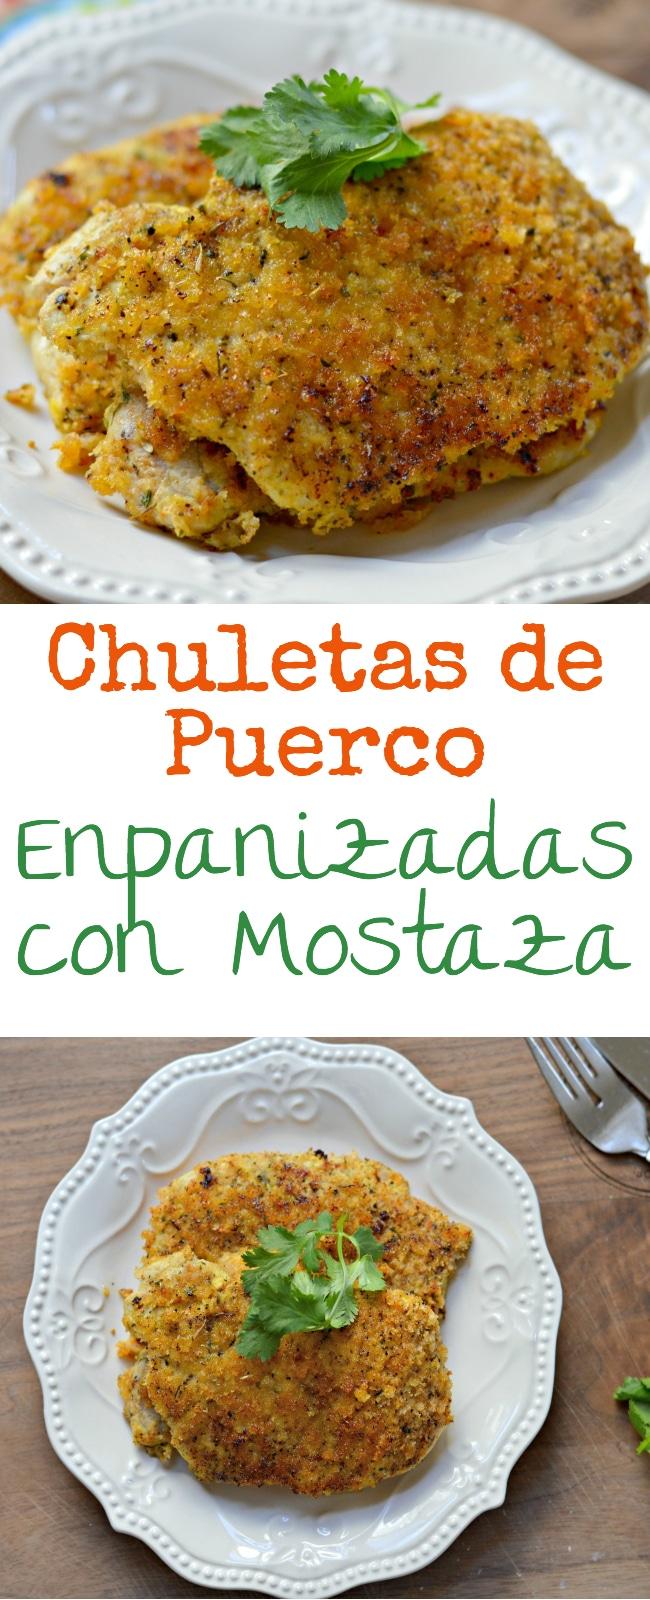 Estas Chuletas de Puerco Empanizadas con Mostaza son perfectas para tu cena hoy. ¡No te las pierdas!